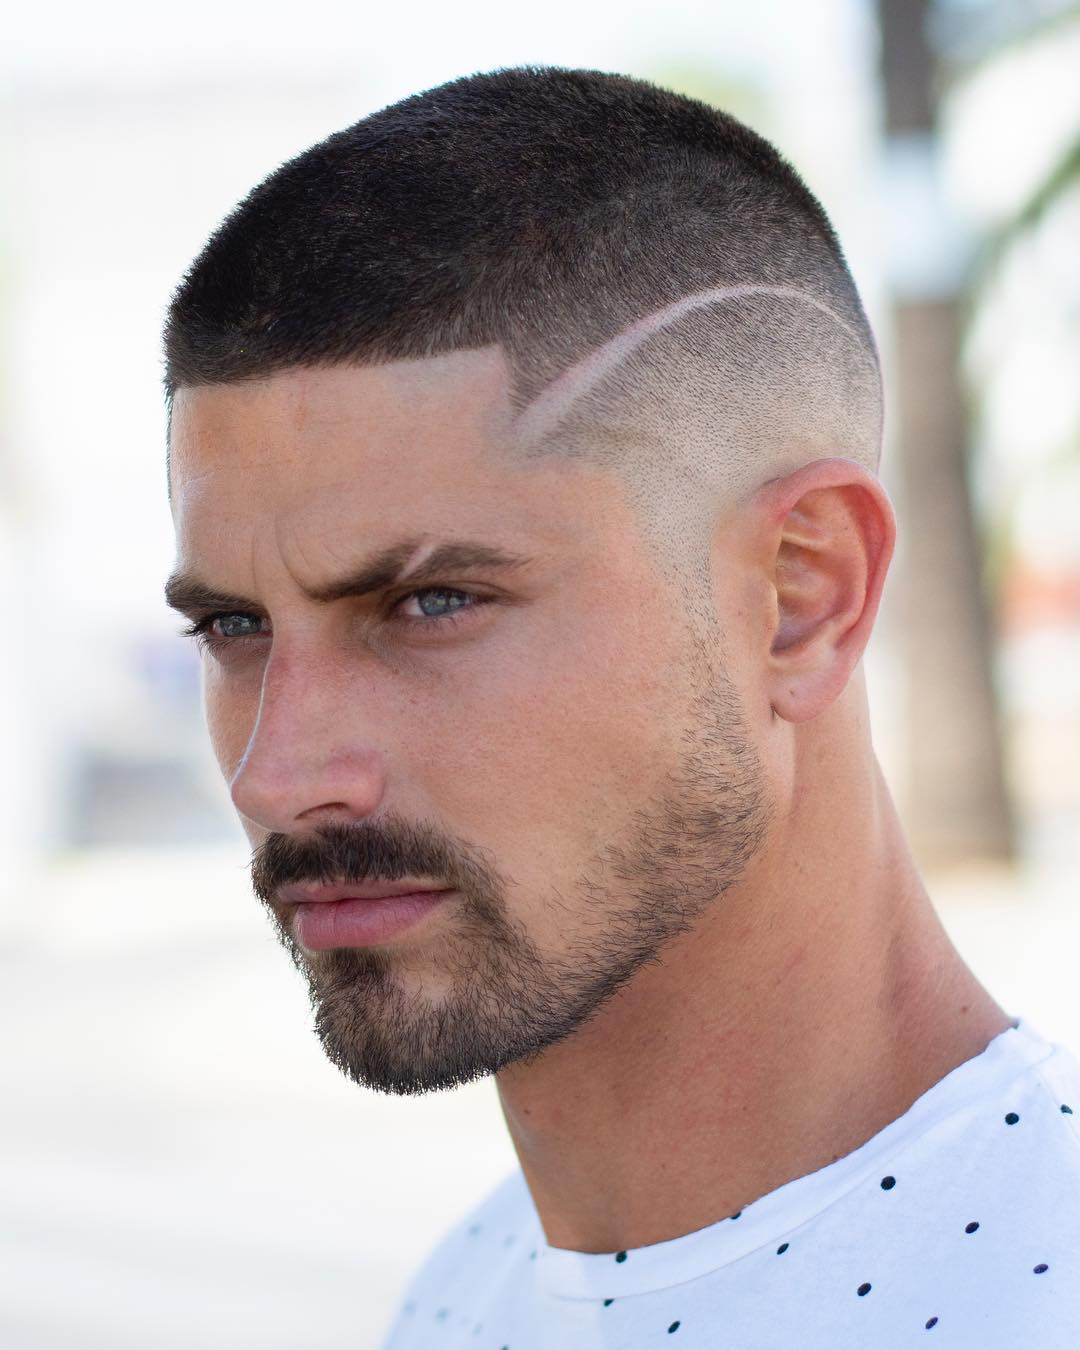 Eyebrow Cuts